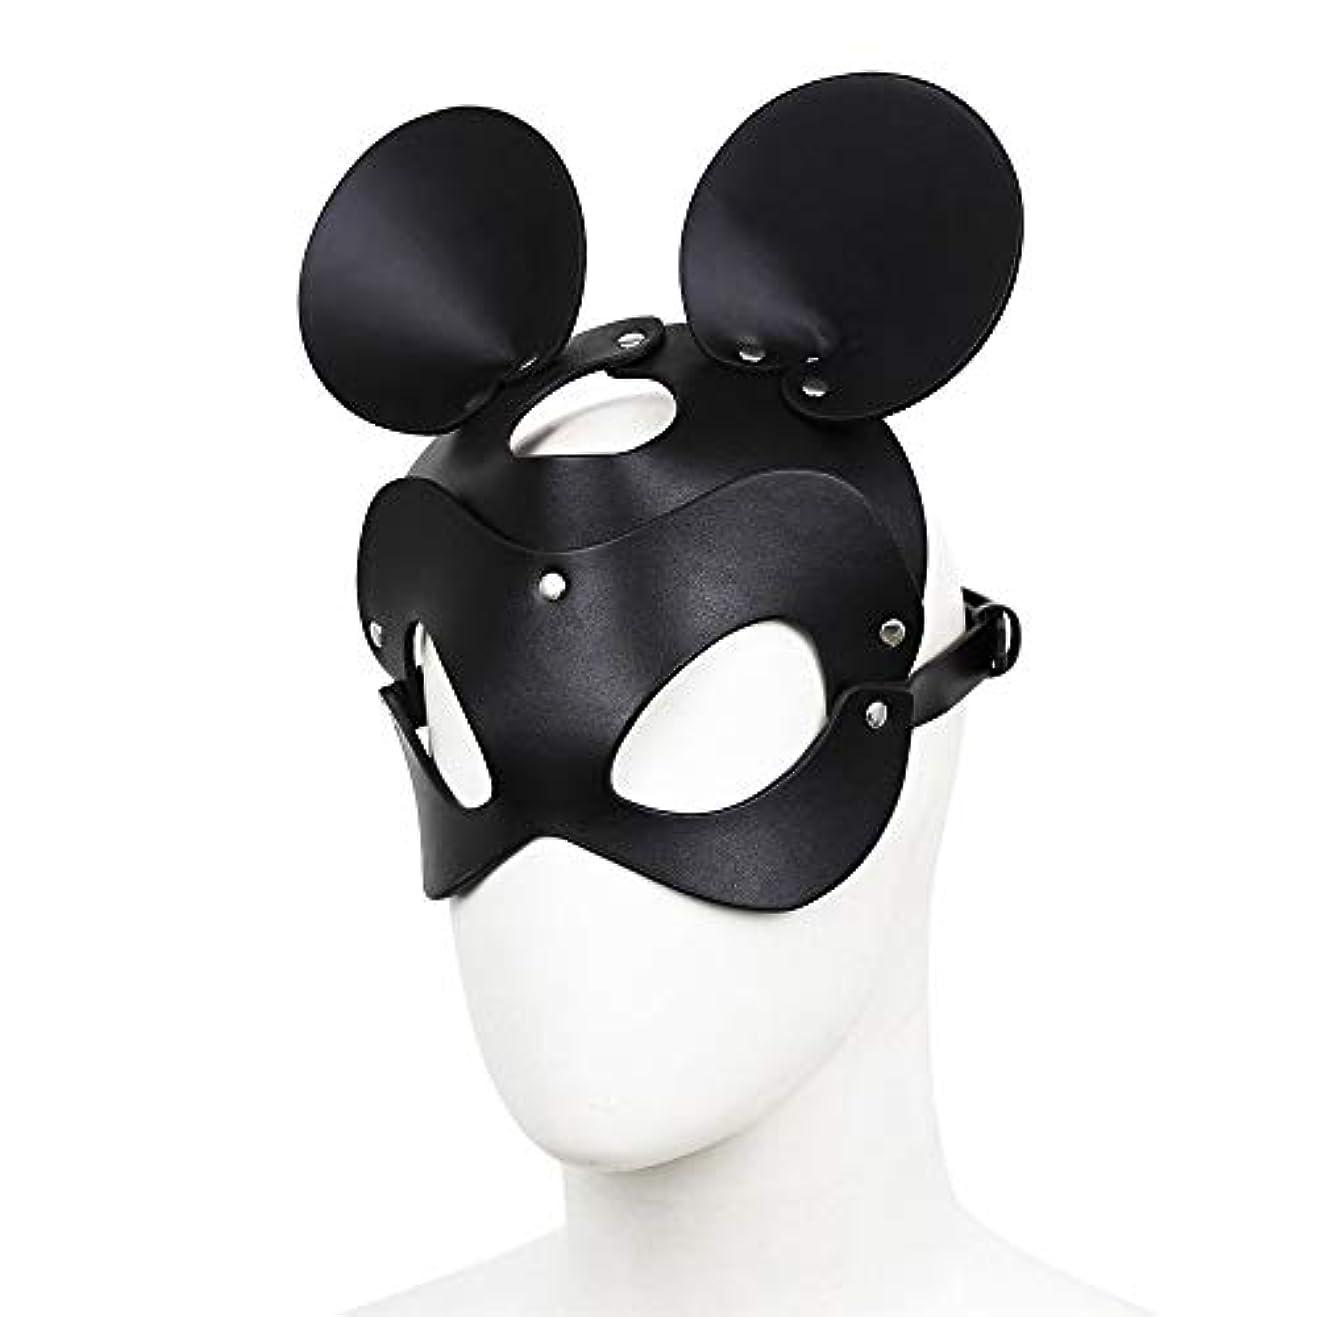 匿名歯科医勇気のあるダンスマスク 男性と女性の大人のロールプレイングブラックレザーマスクラウンドロングイヤーナイトクラブマスク パーティーボールマスク (色 : ブラック, サイズ : 20x17cm)